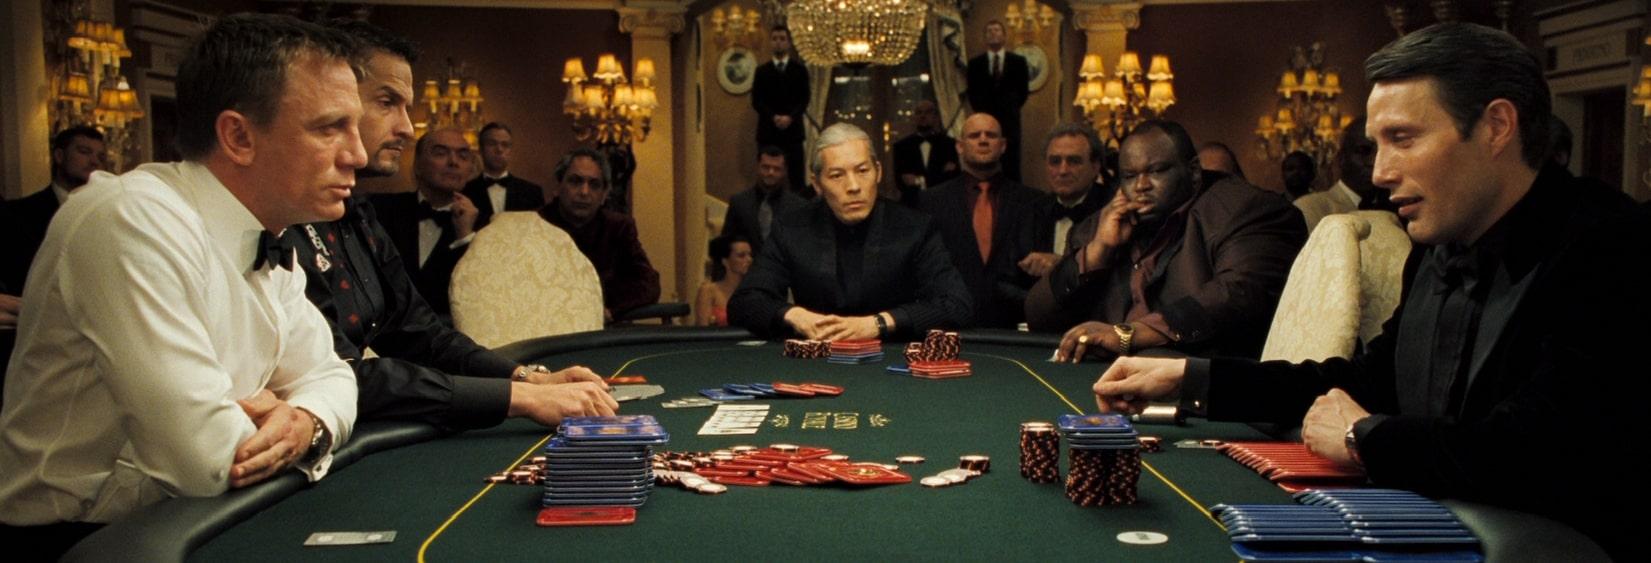 Poker. Online Poker.